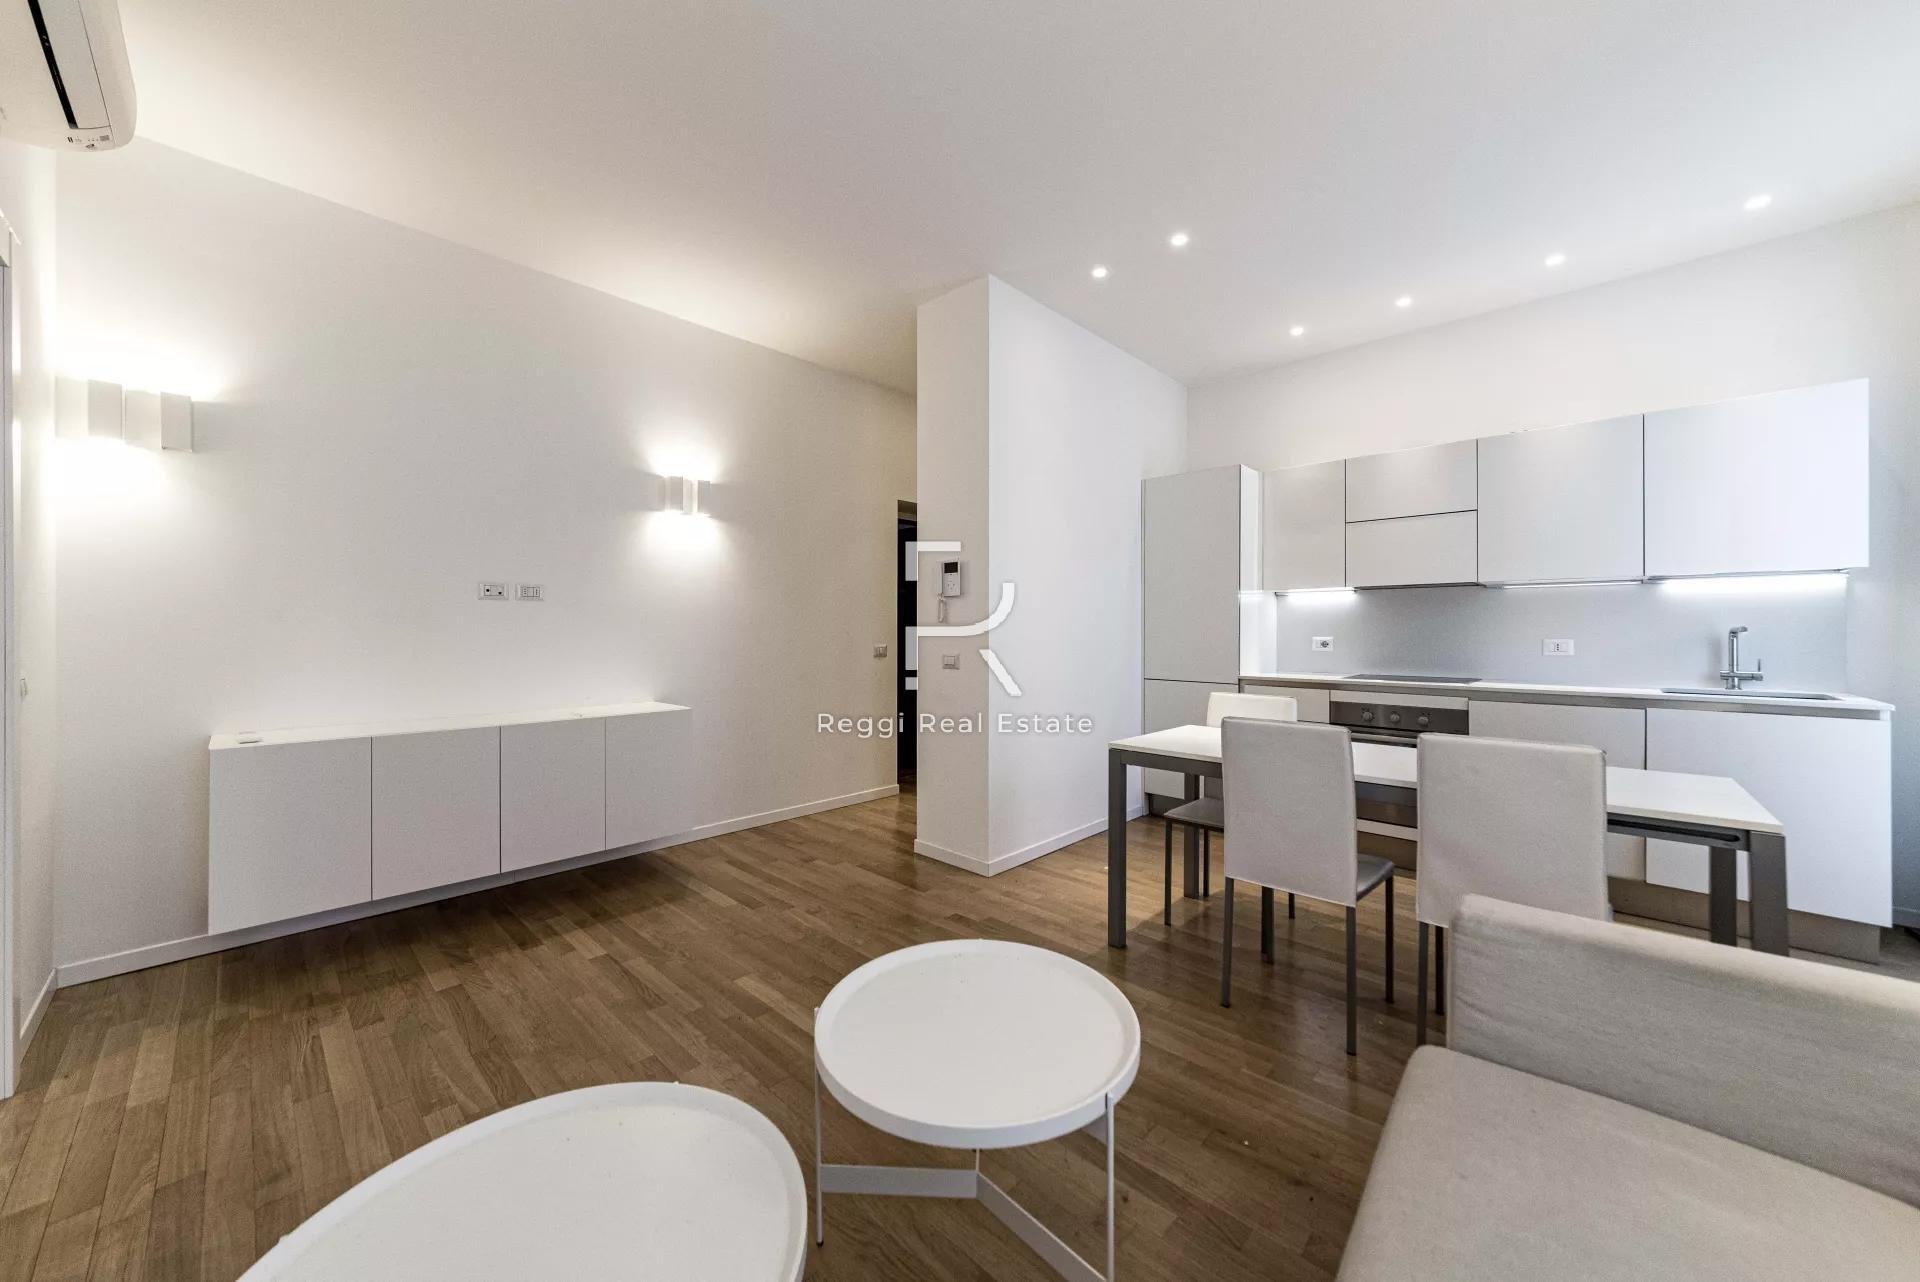 Affitto Appartamento Milano Centro